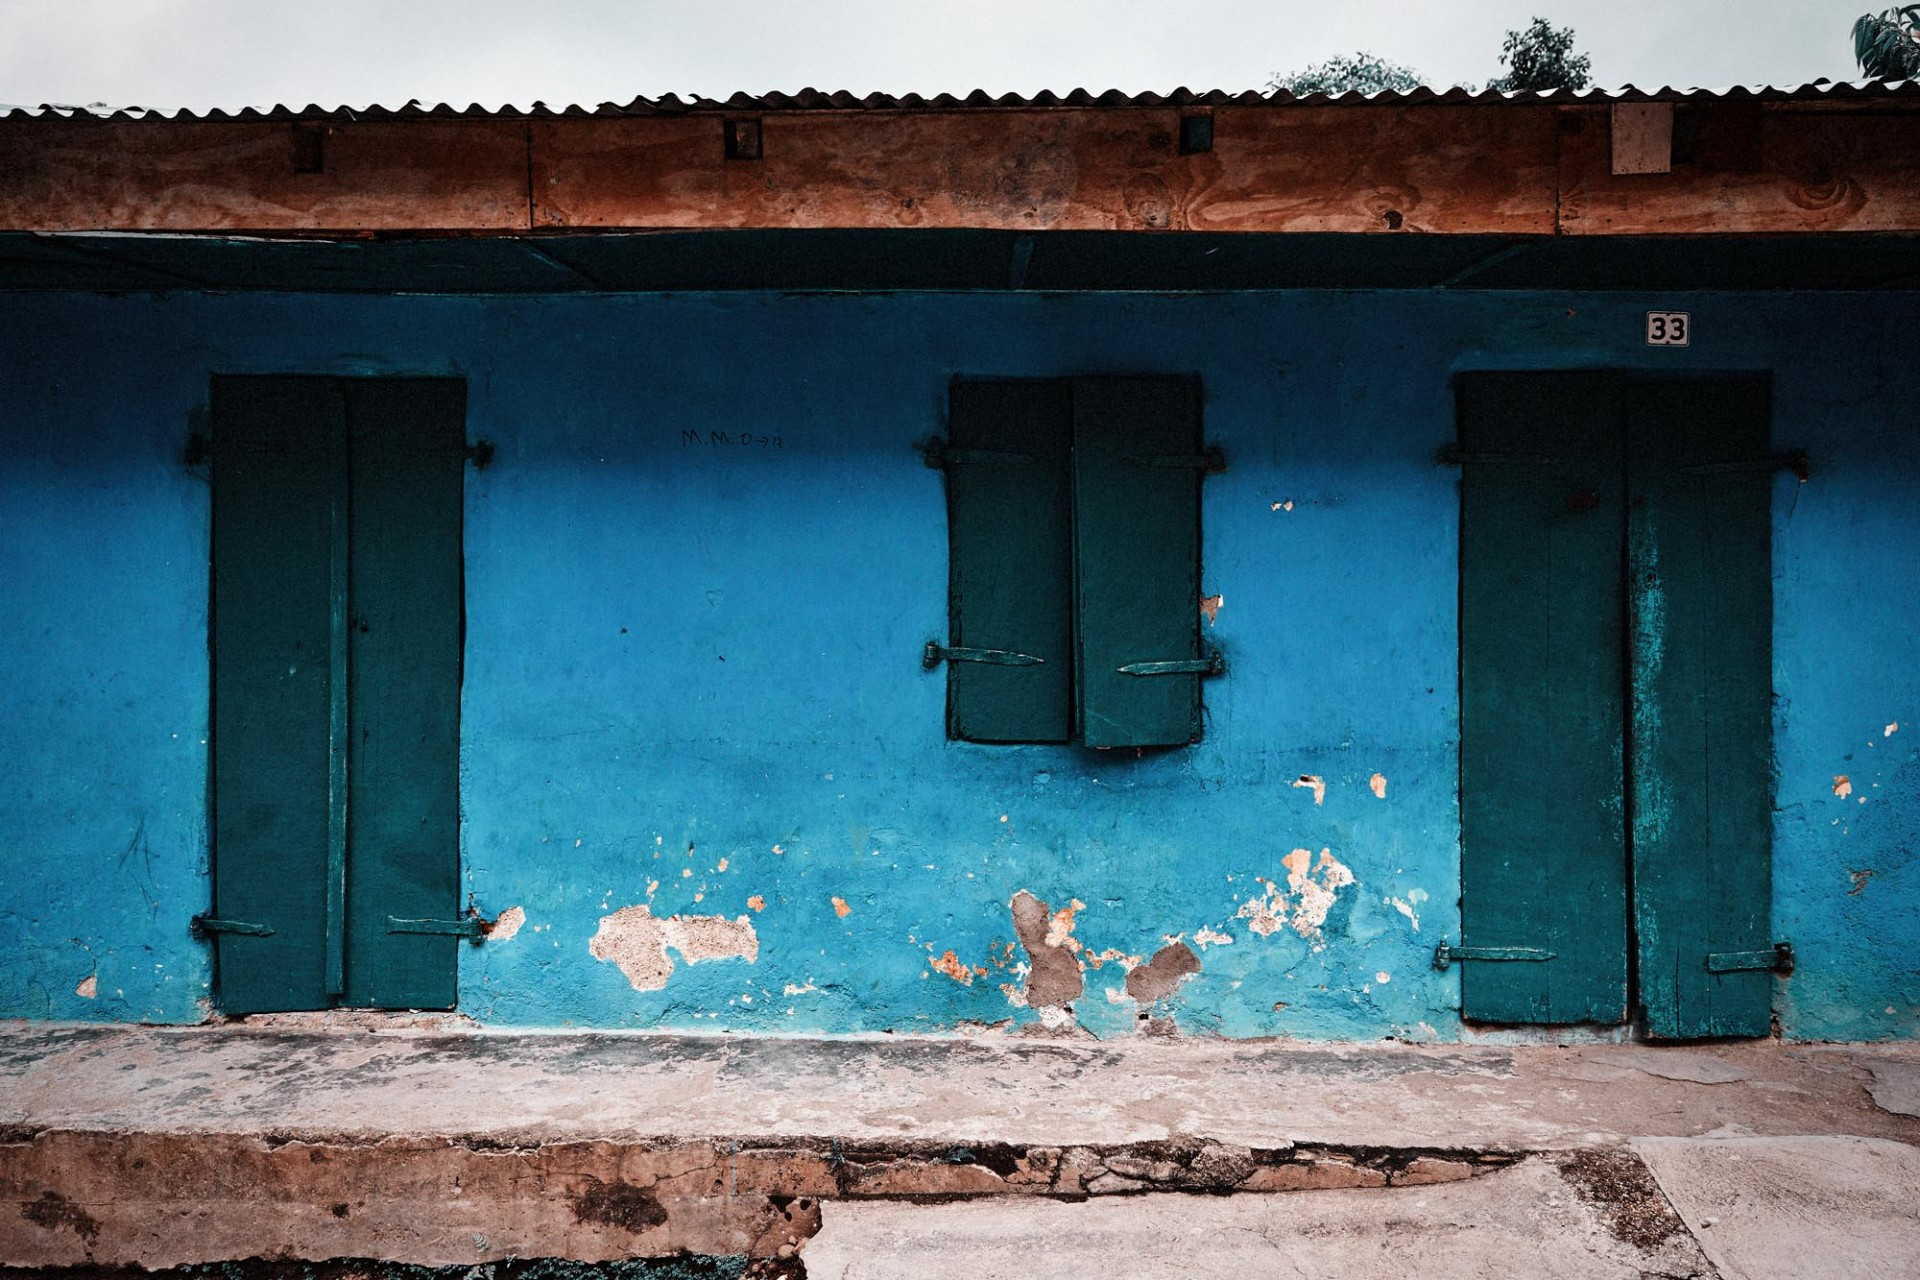 CAROLIN WINDEL Haiti, Reise in ein unbekanntes Land (more-click here)